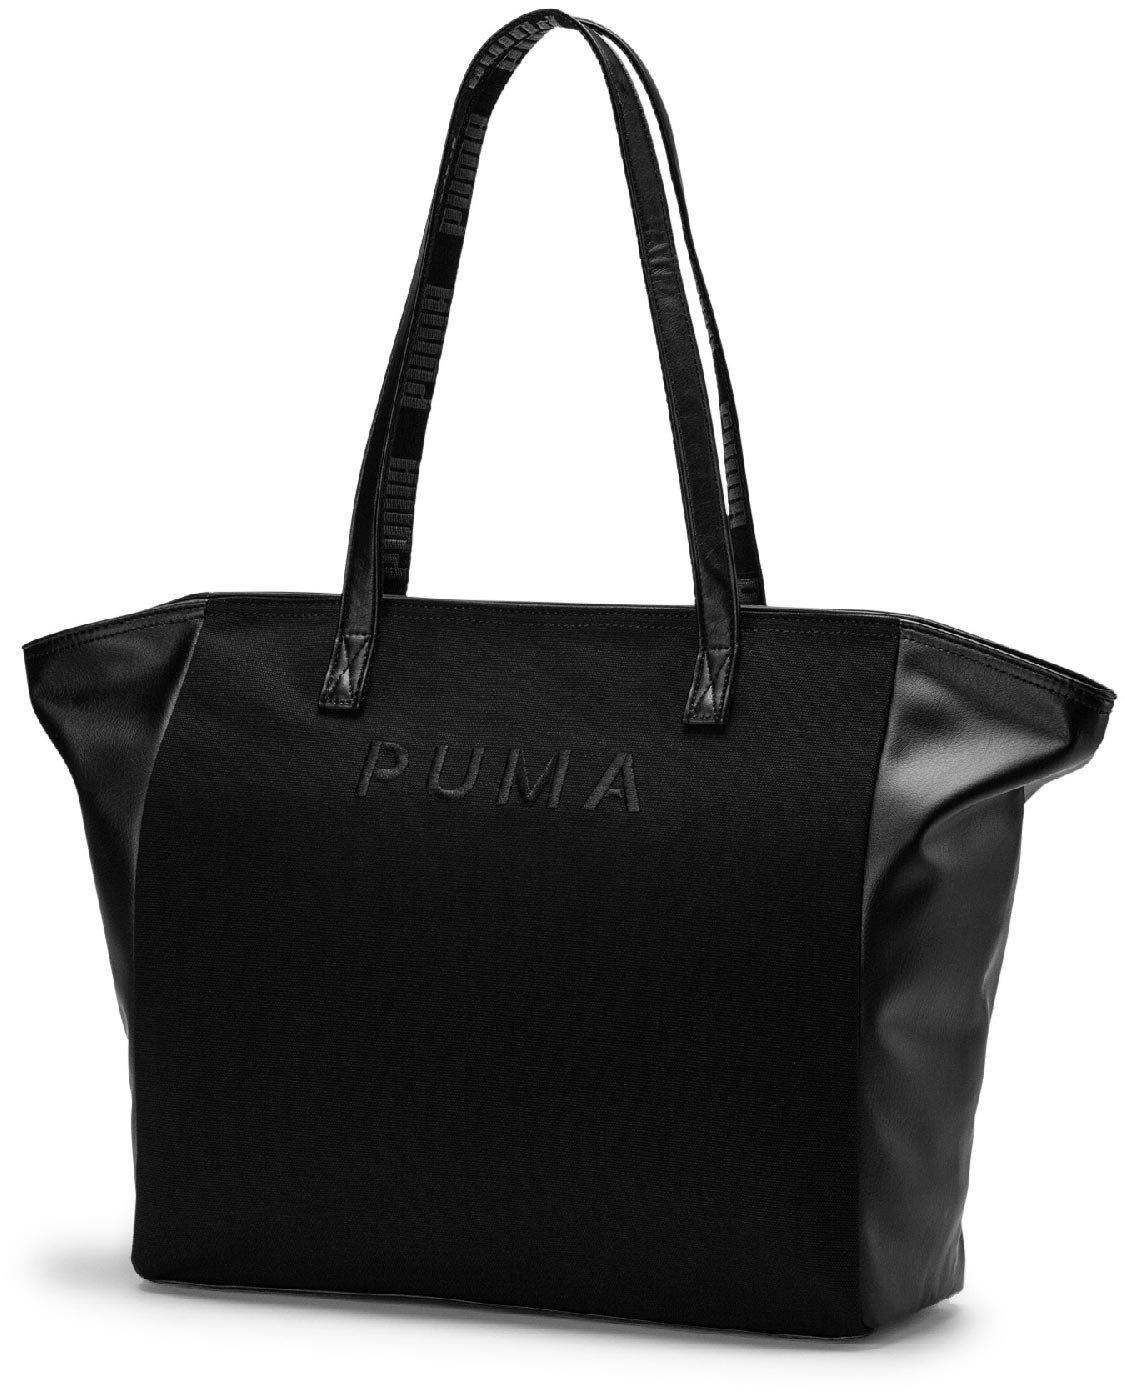 c62fa2bda7 Puma Prime Classics Large Shopper